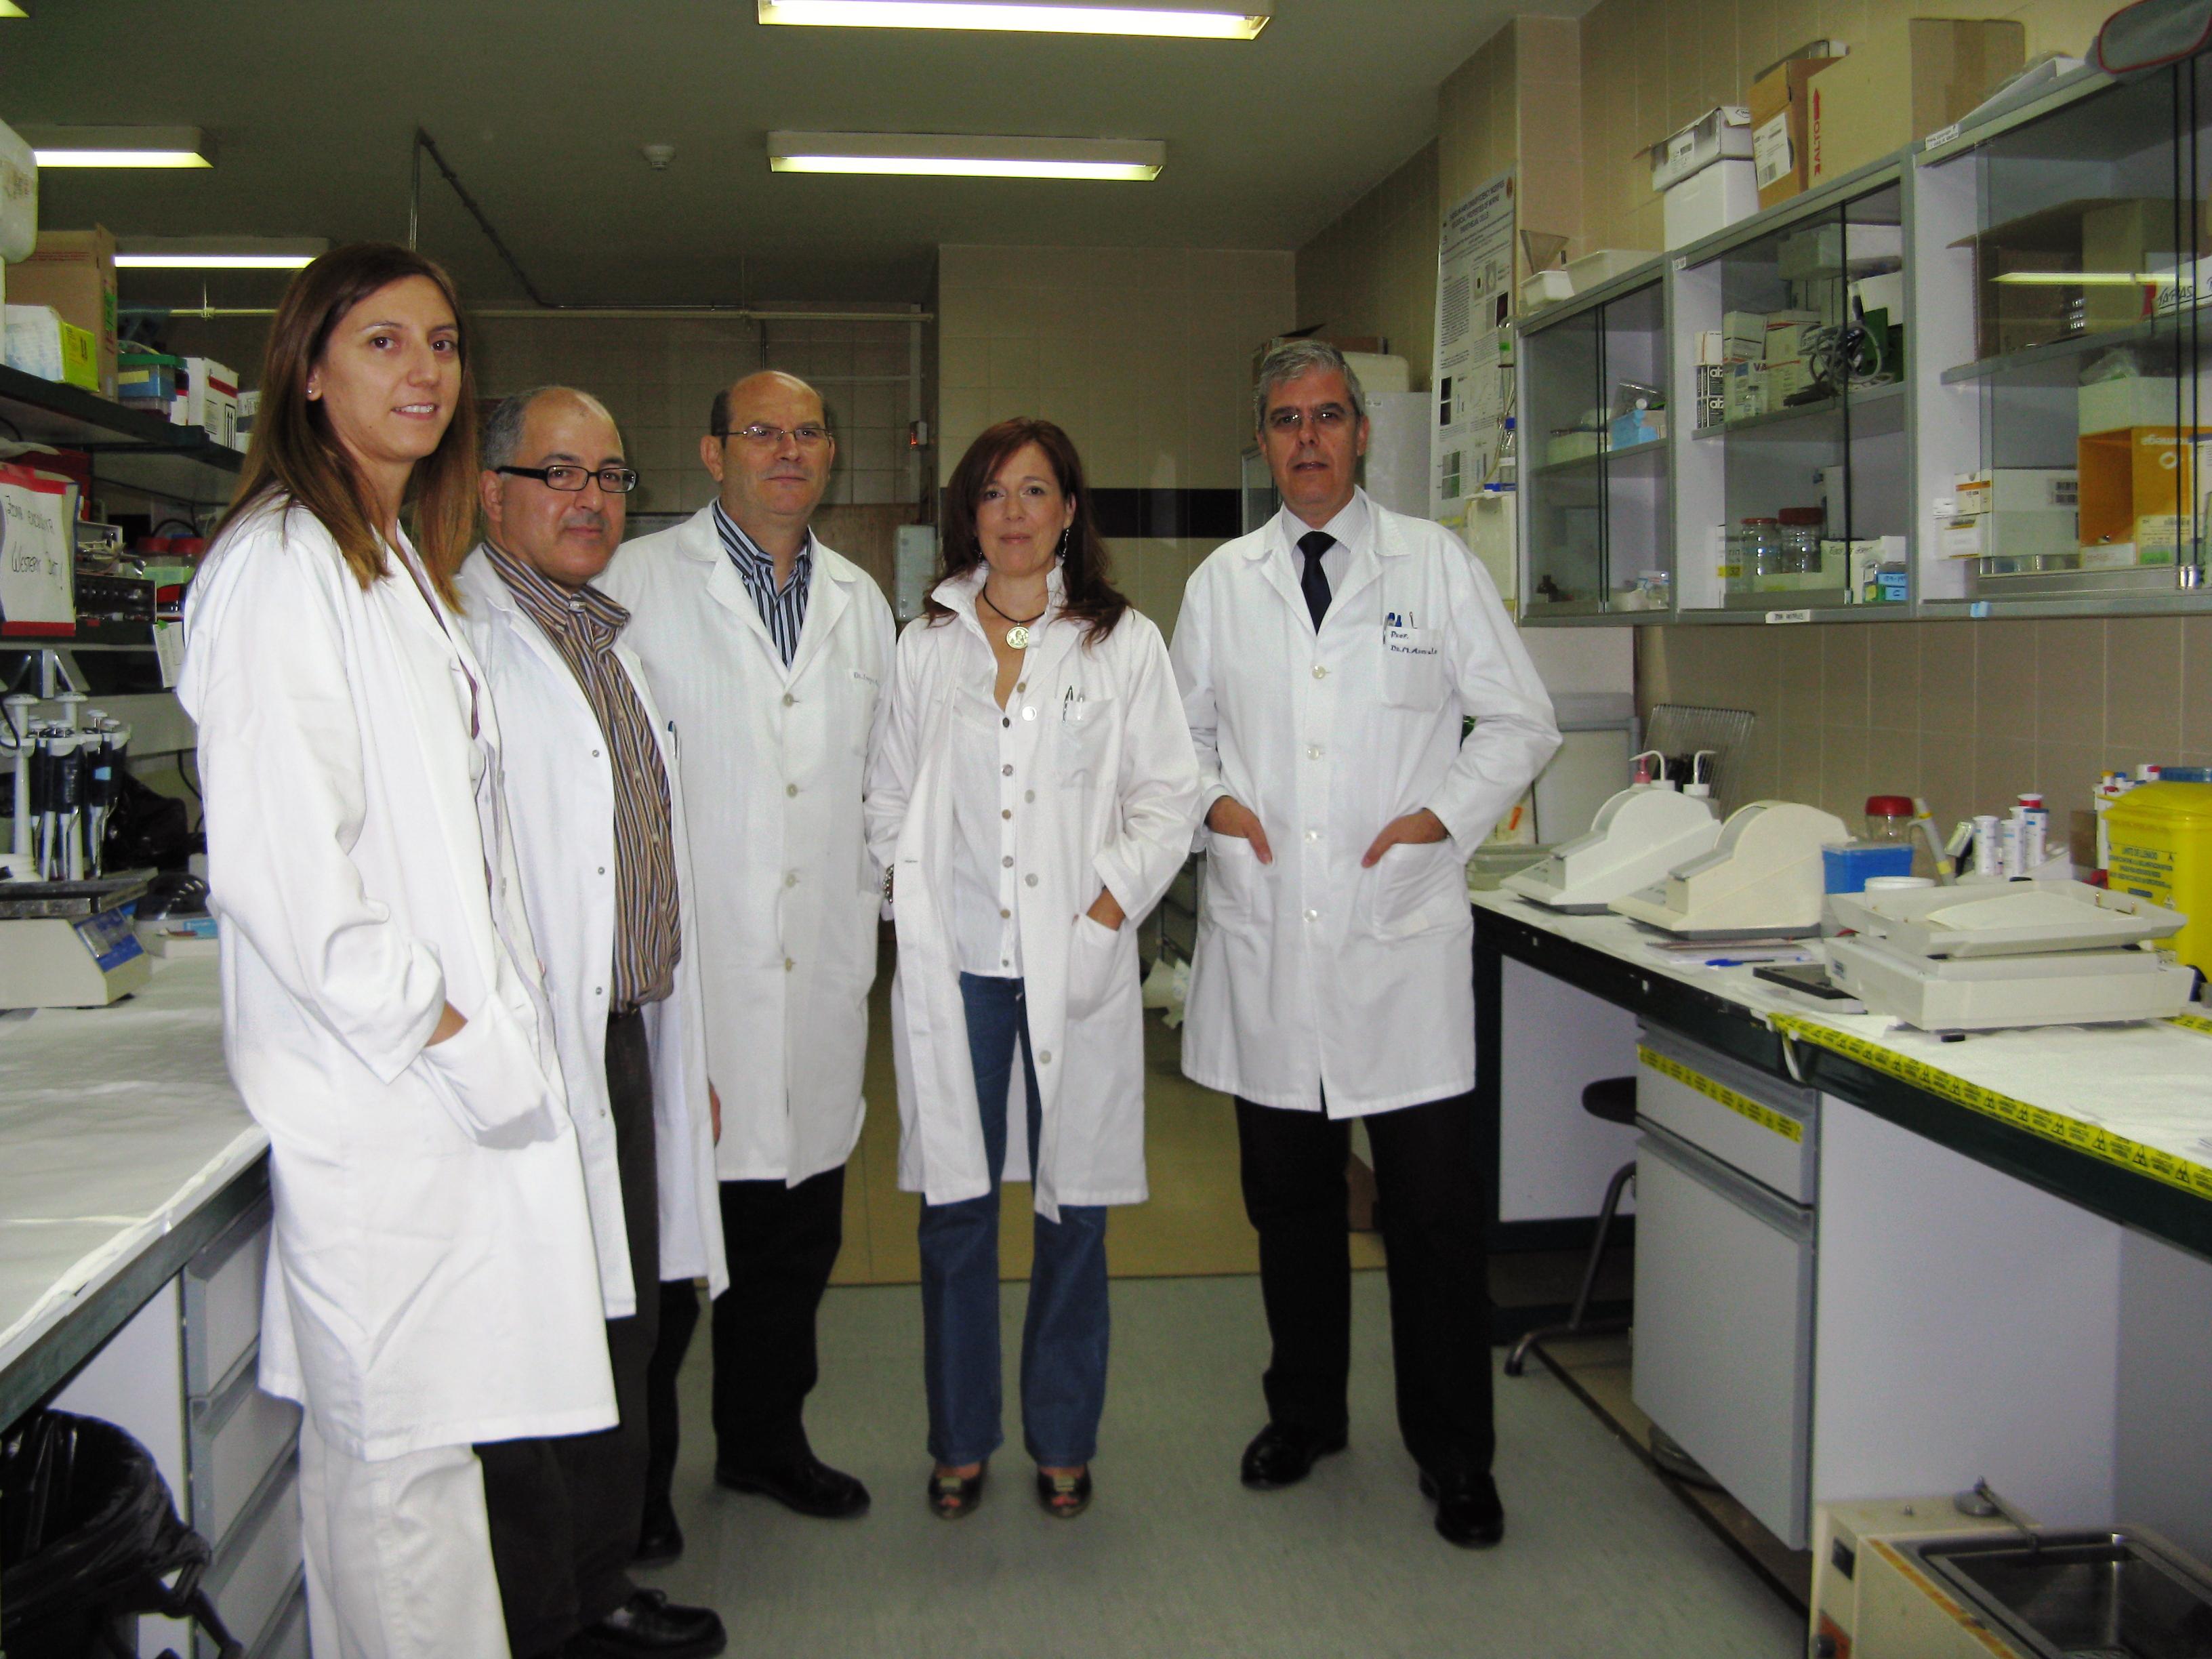 La Sociedad Española de Nefrología concede su premio anual 'Jansen Cilag' a un trabajo del Departamento de Fisiología y Farmacología